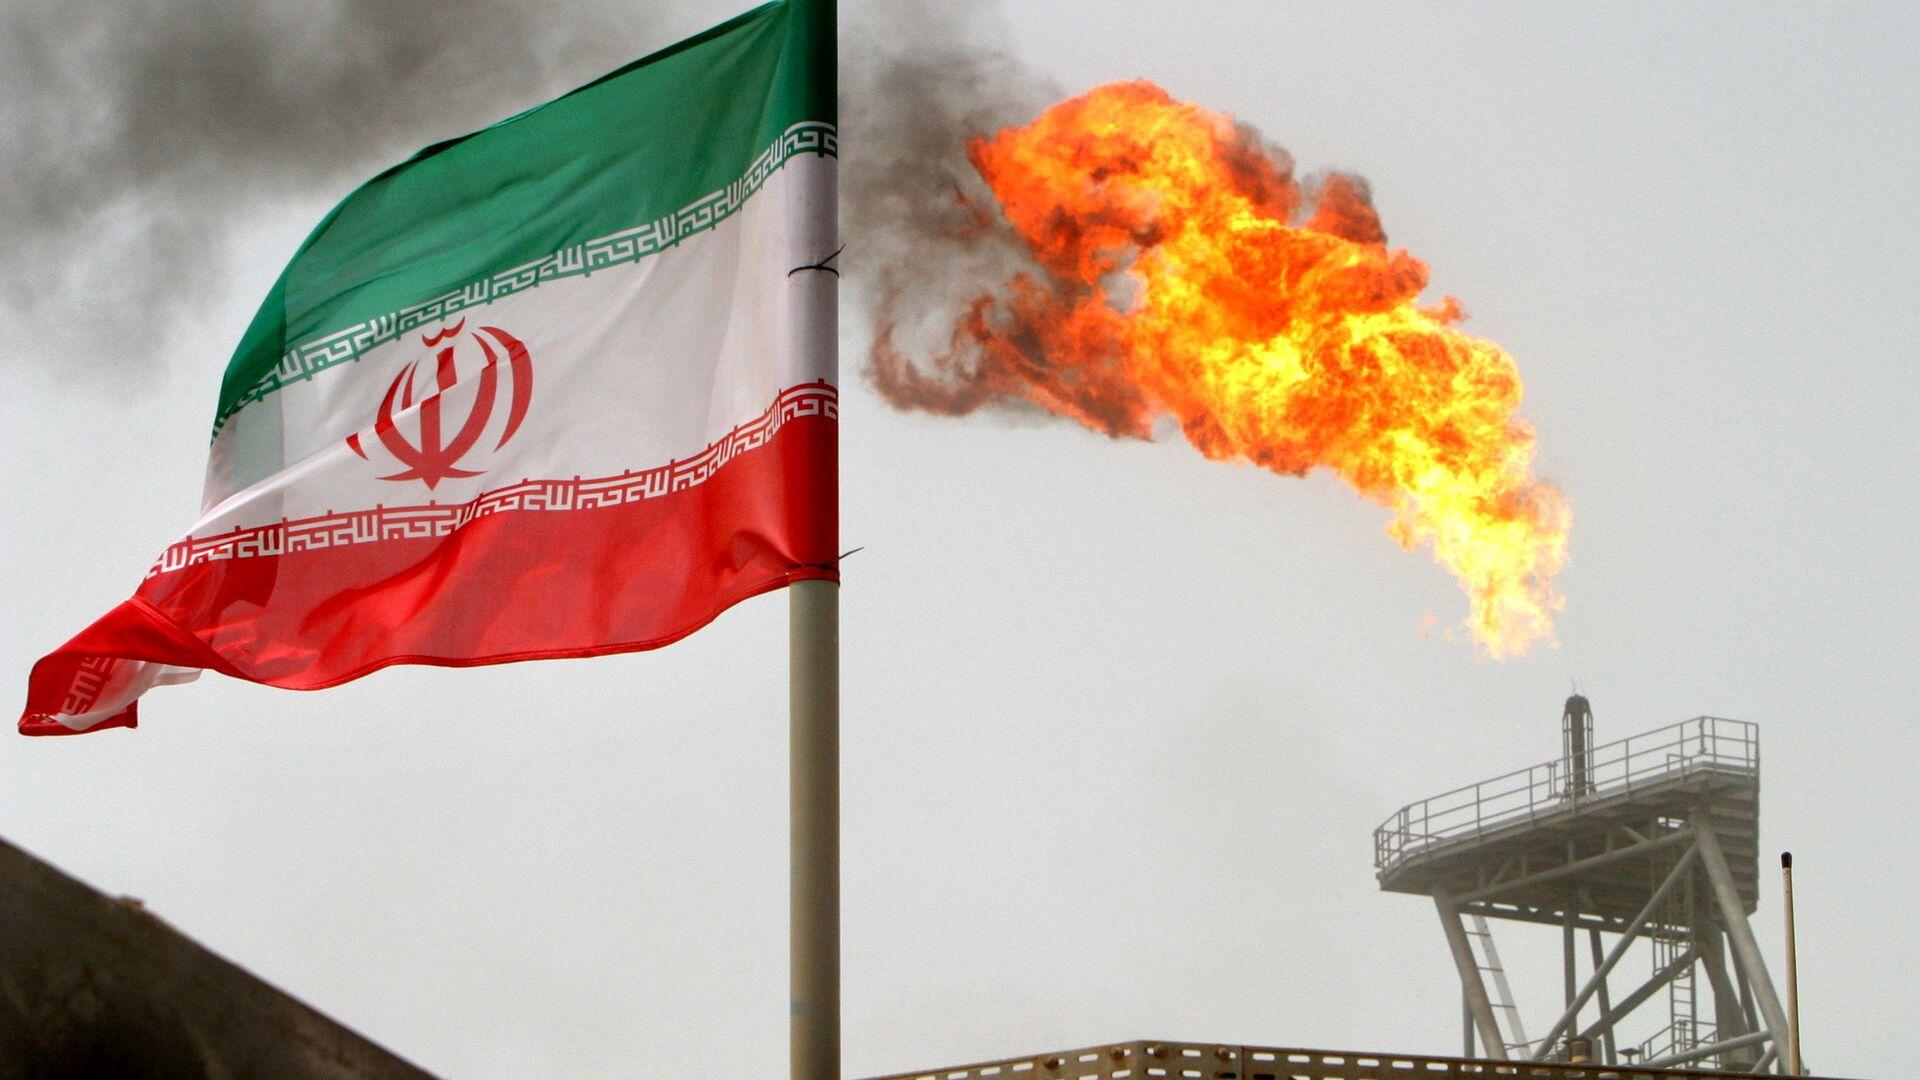 Флаг Ирана на нефтедобывающей платформе на нефтяных месторождениях в Соруше в Персидском заливе - Sputnik Азербайджан, 1920, 08.10.2021